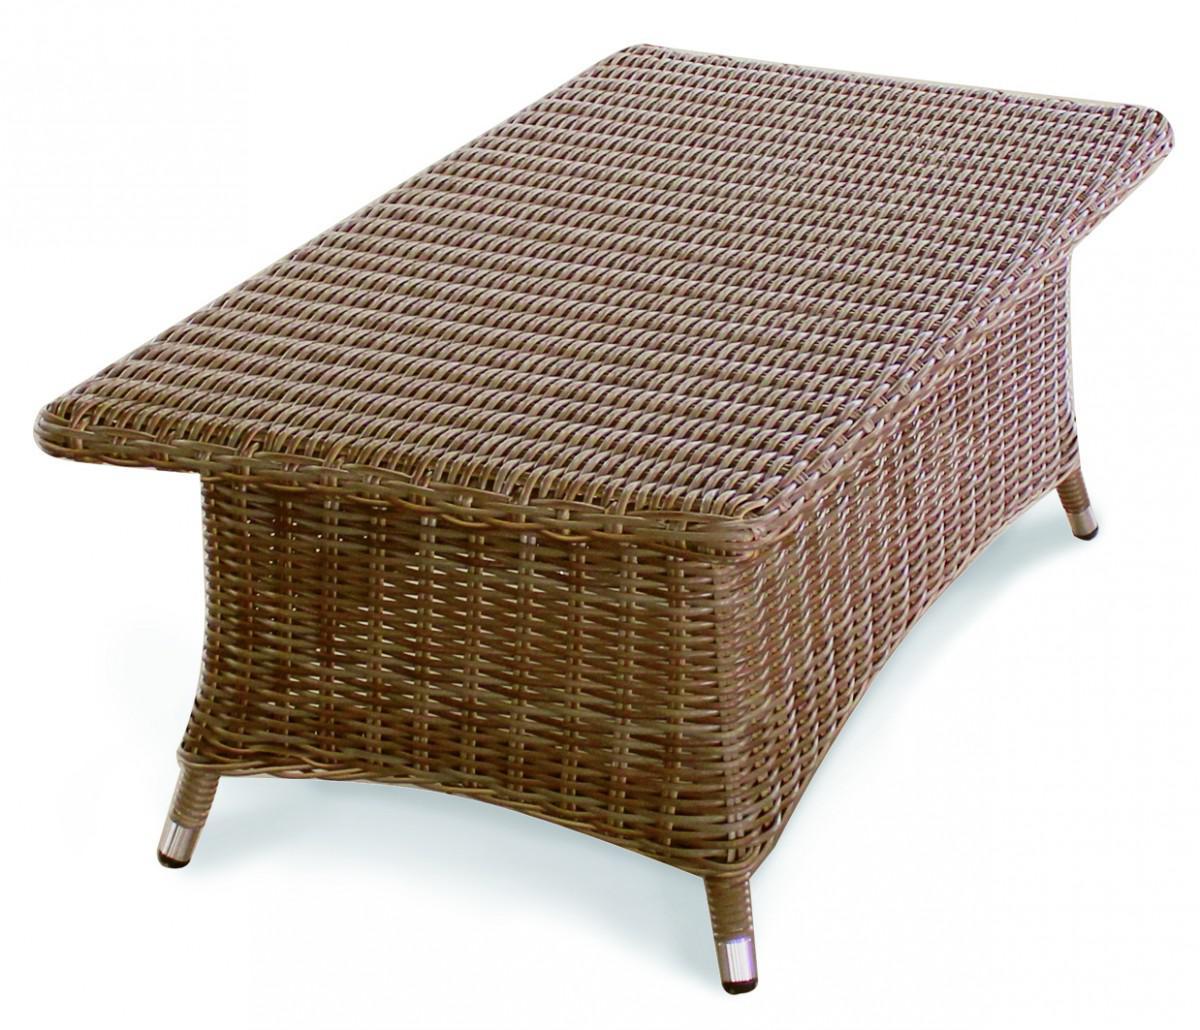 Couchtisch ablagetisch tisch beistelltisch ablage geflecht - Garten lounge tisch ...